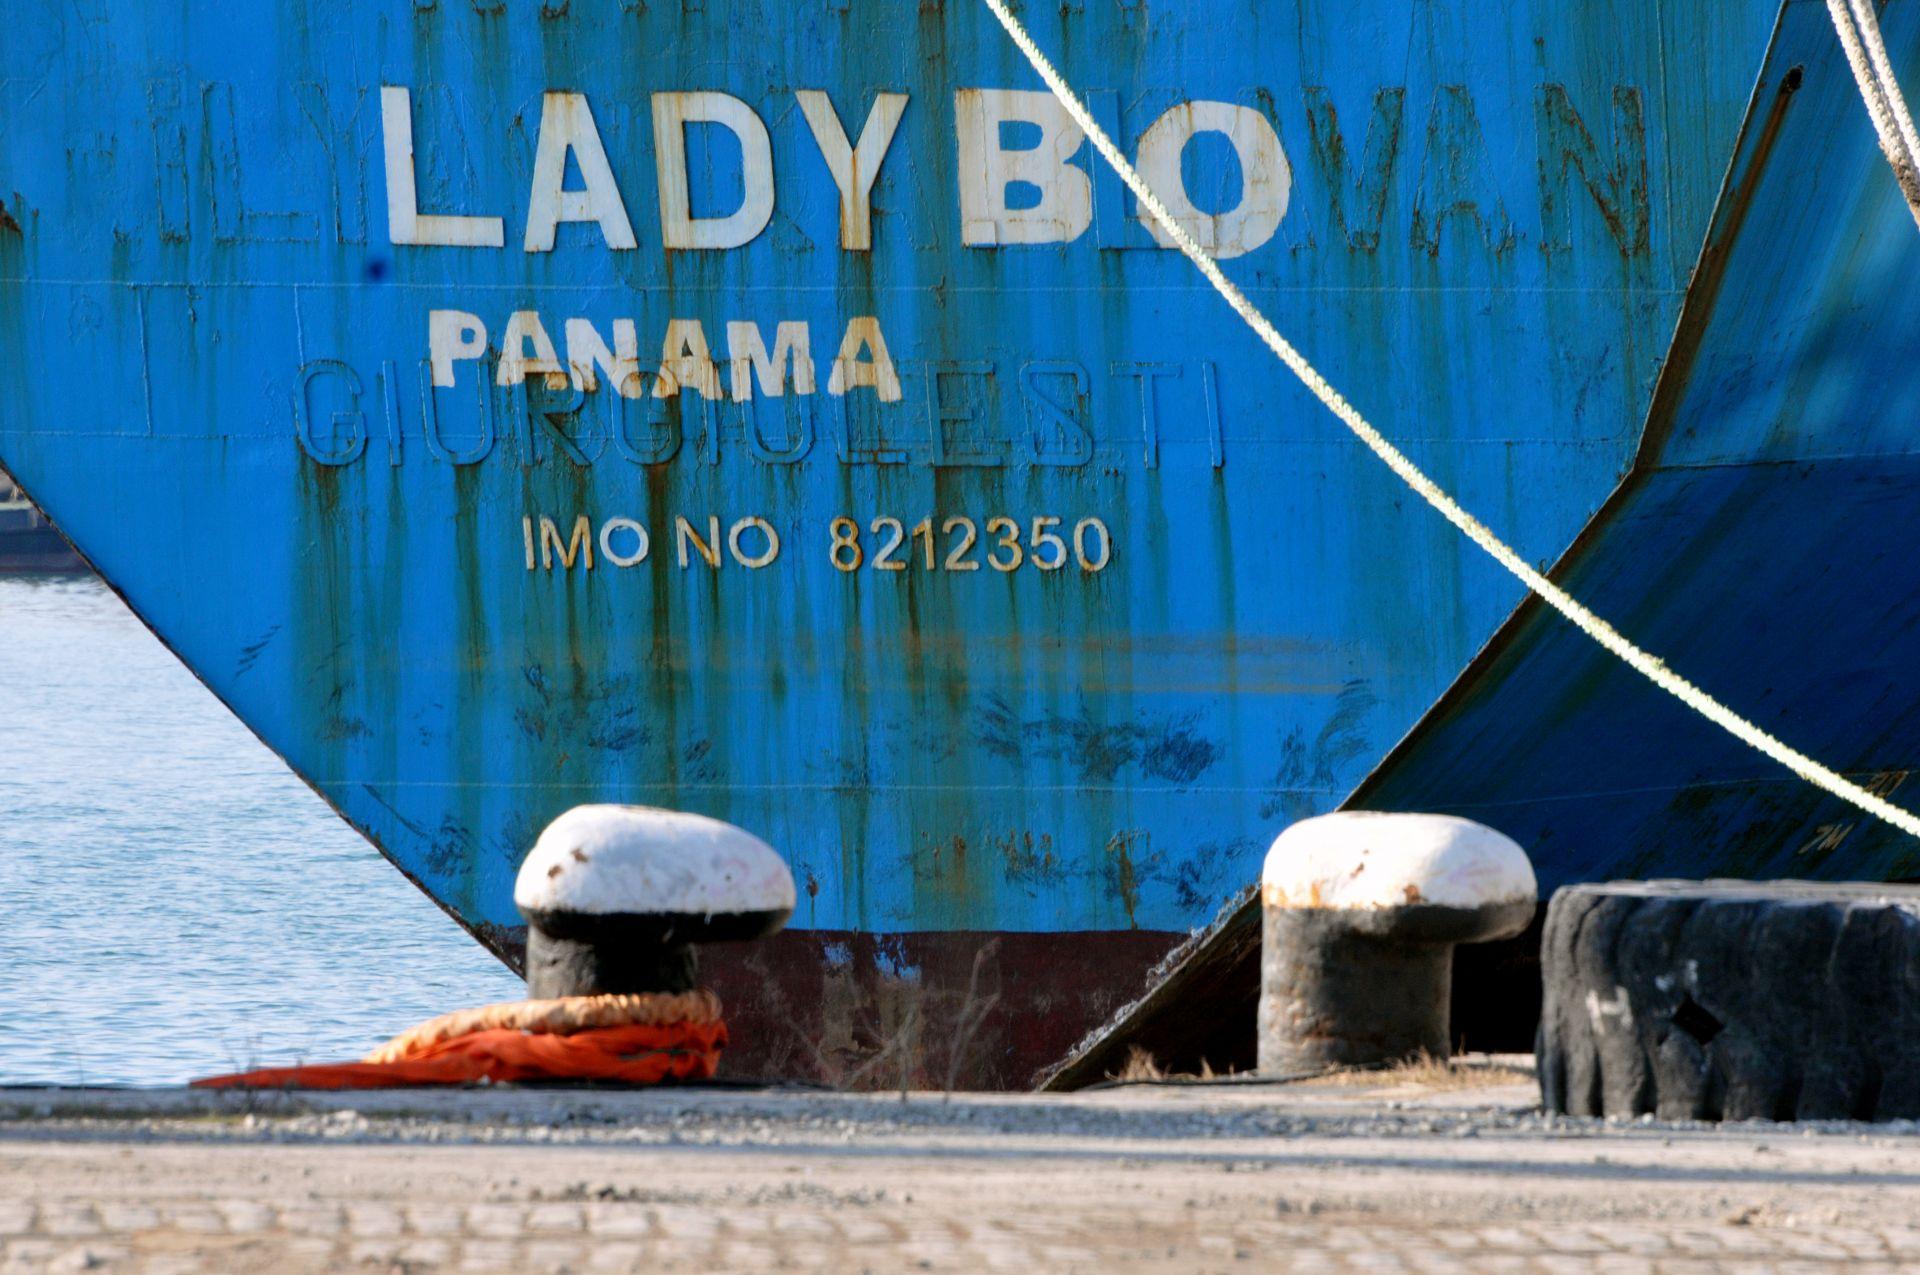 Корабът LADY BO, който плава под флага на Панама е от няколко месеца арестуван в Пристанище Бургас